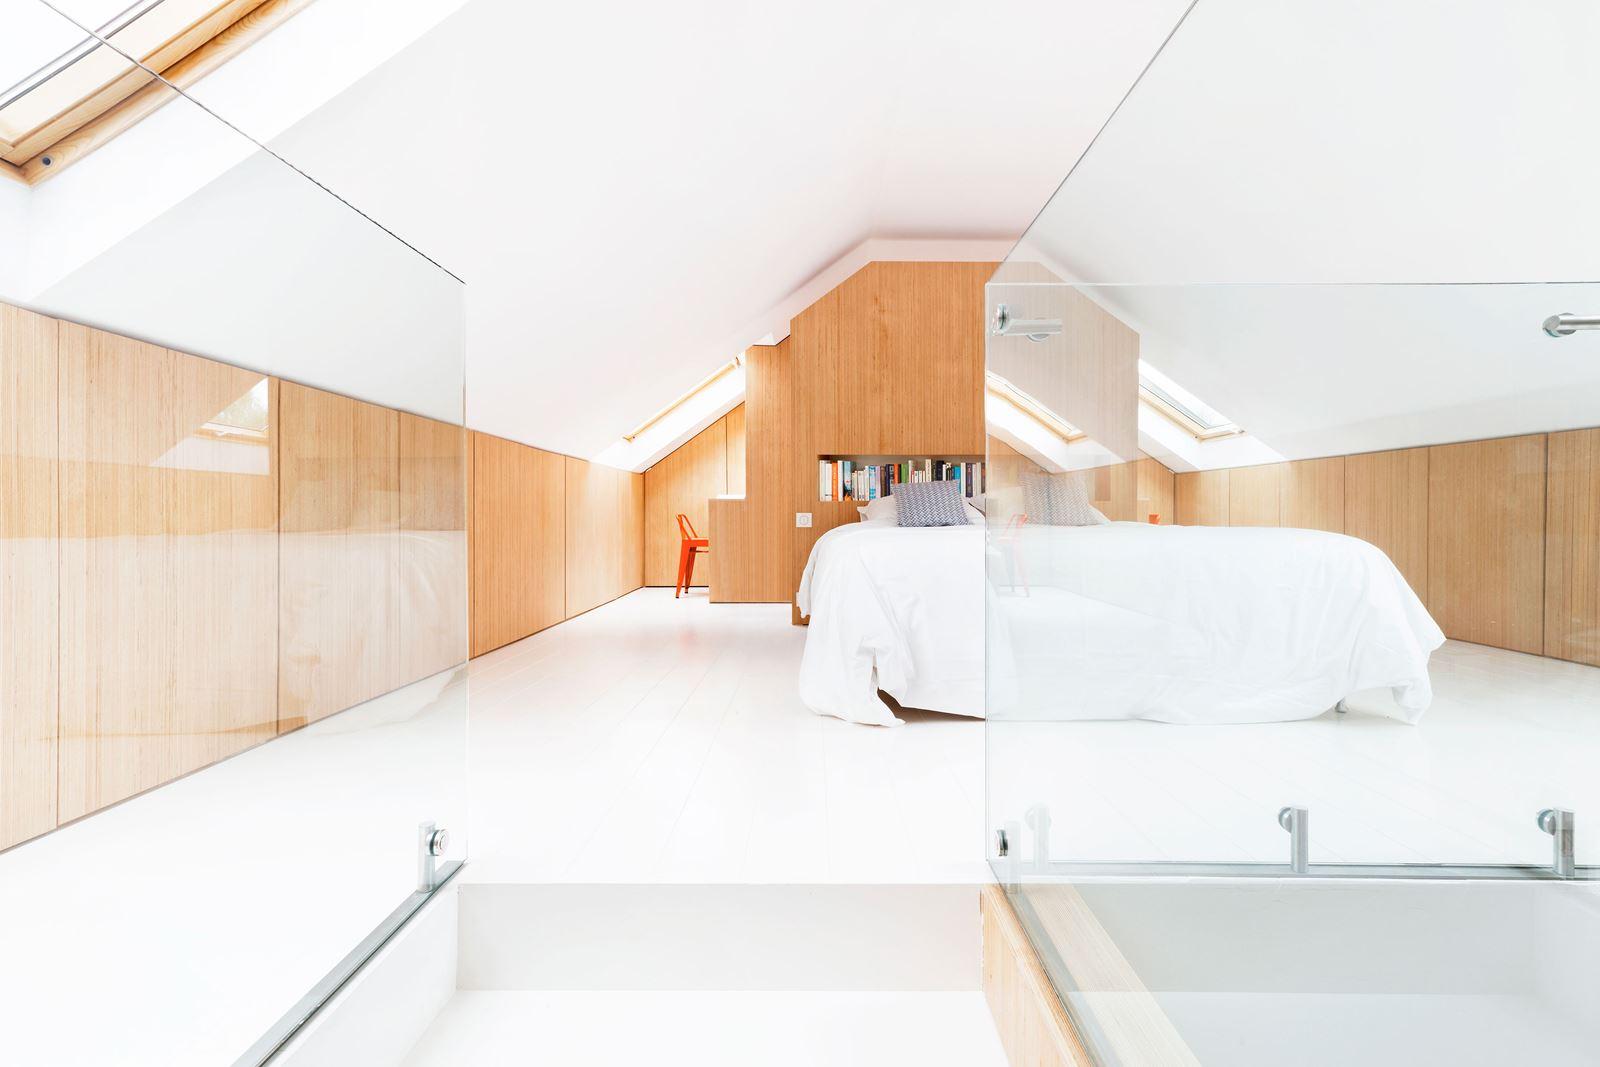 Attico con camera da letto in mansarda for Camera da letto in mansarda